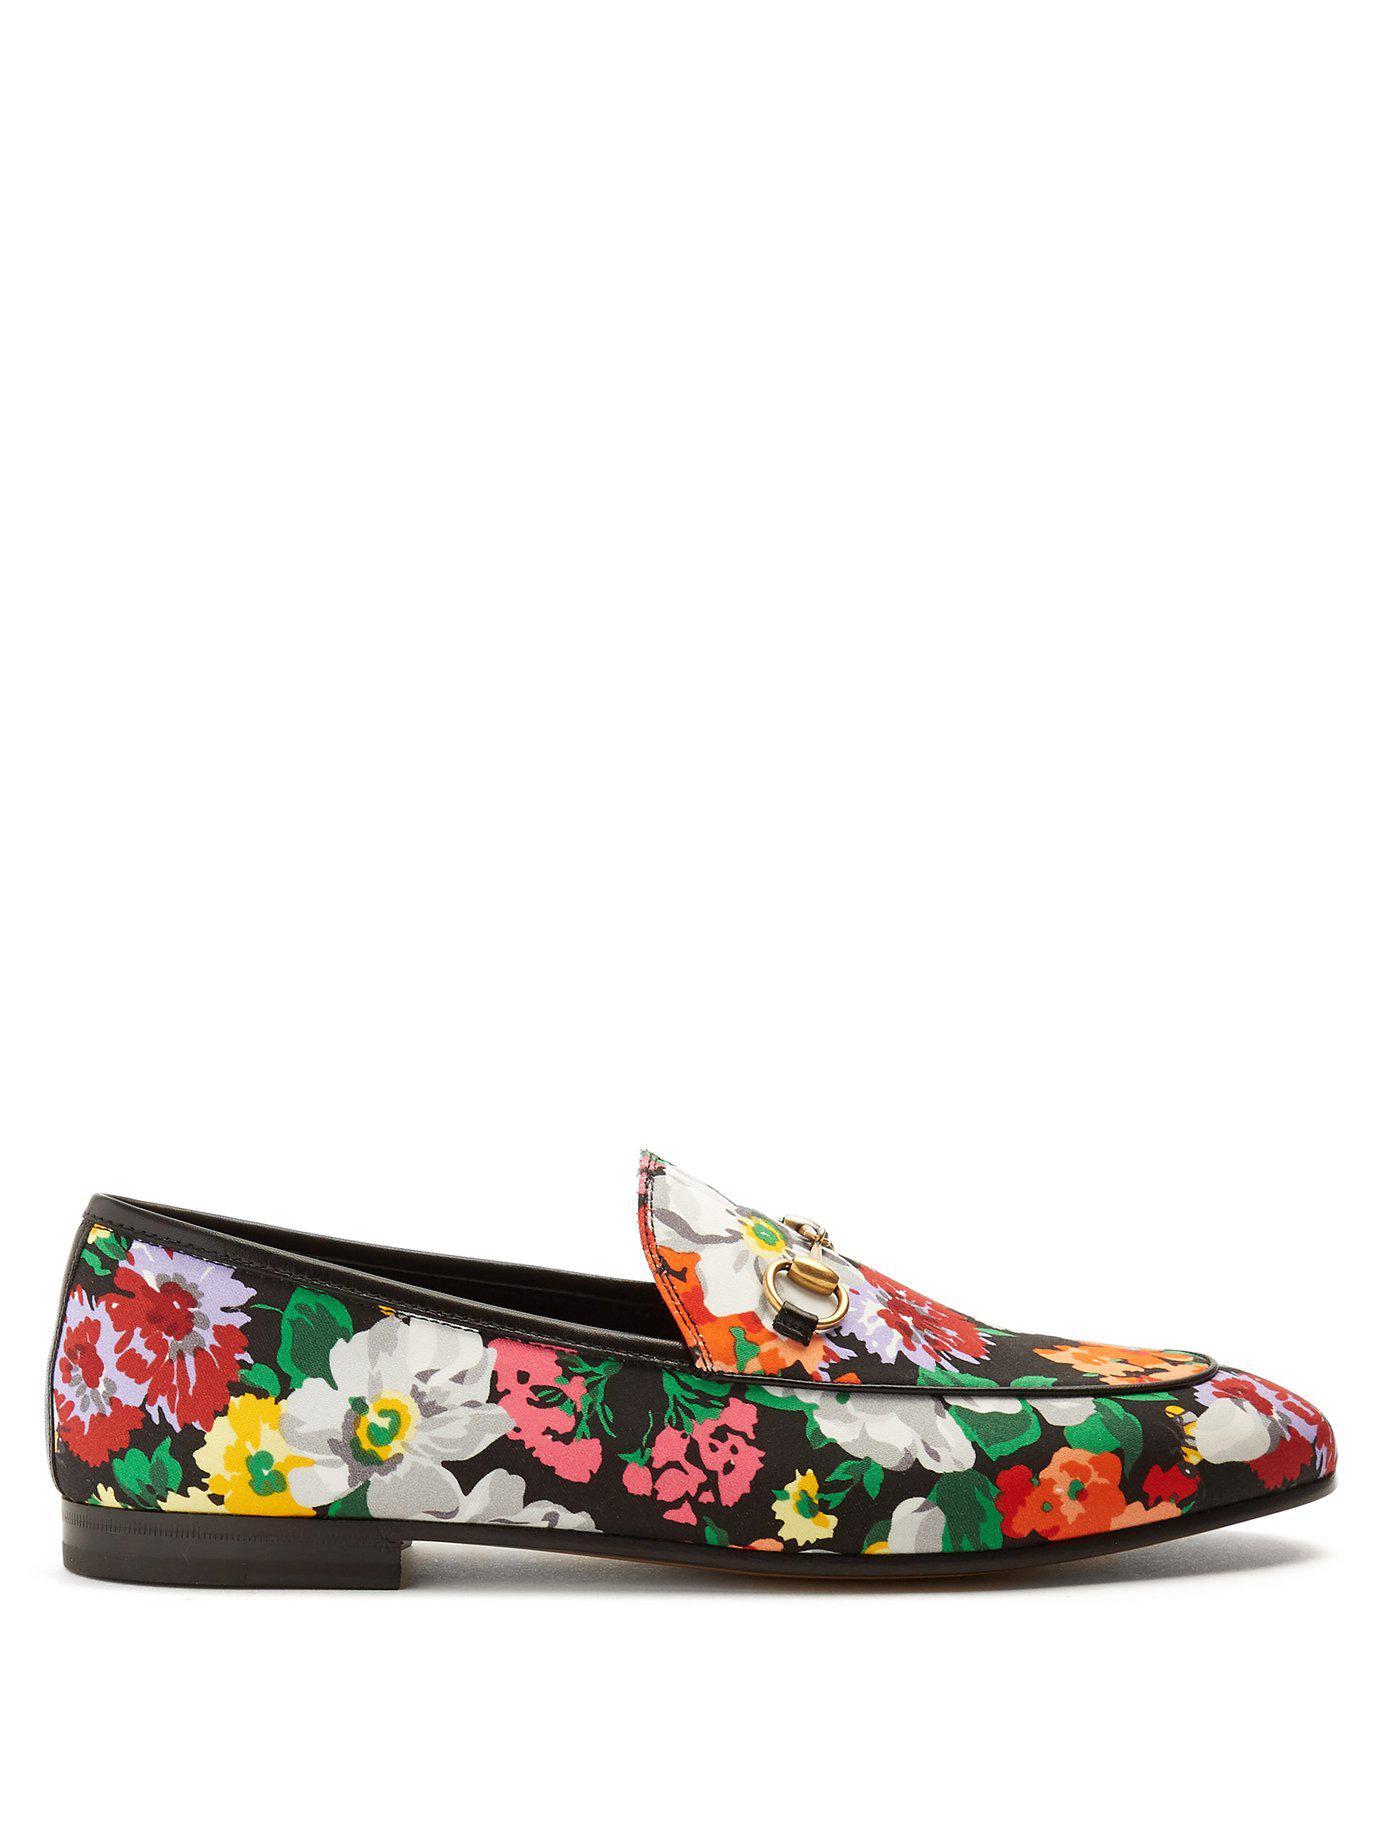 d74b11f7e73 Lyst - Gucci Jordaan Floral-print Satin Loafers